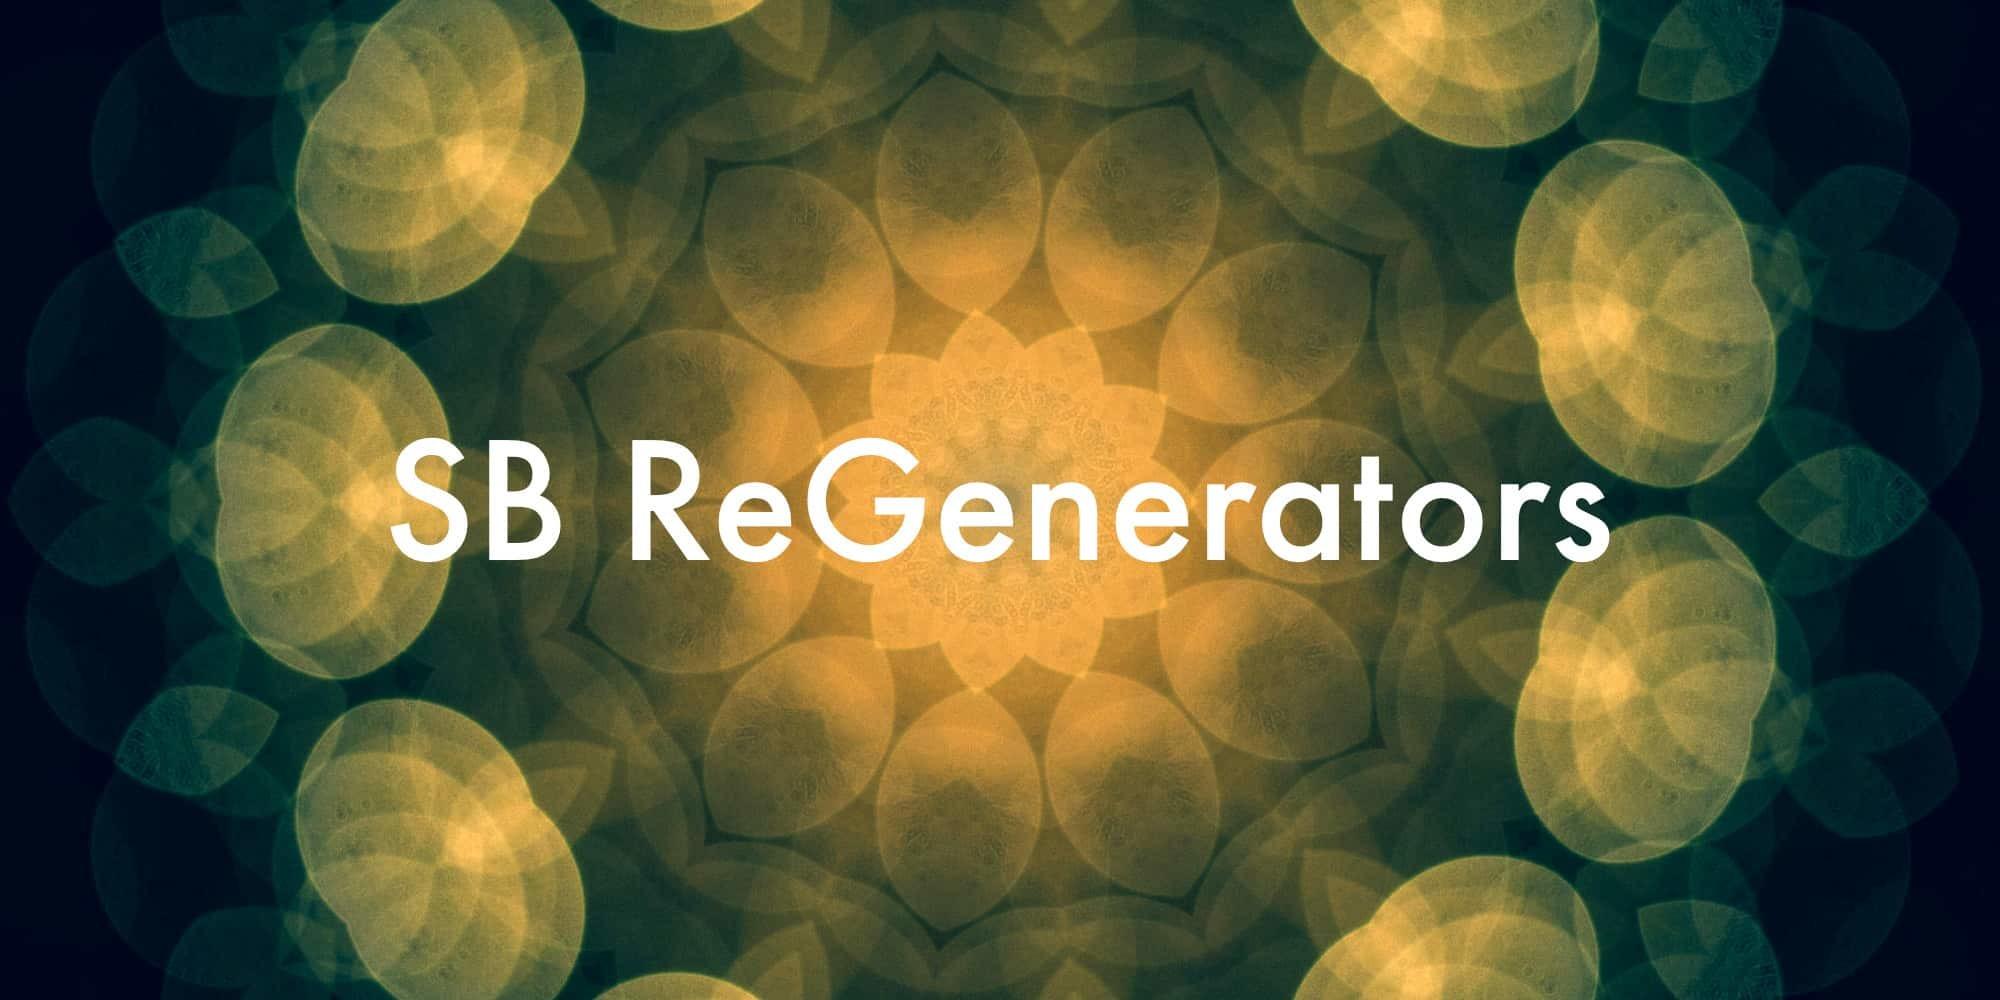 Sb regenerators